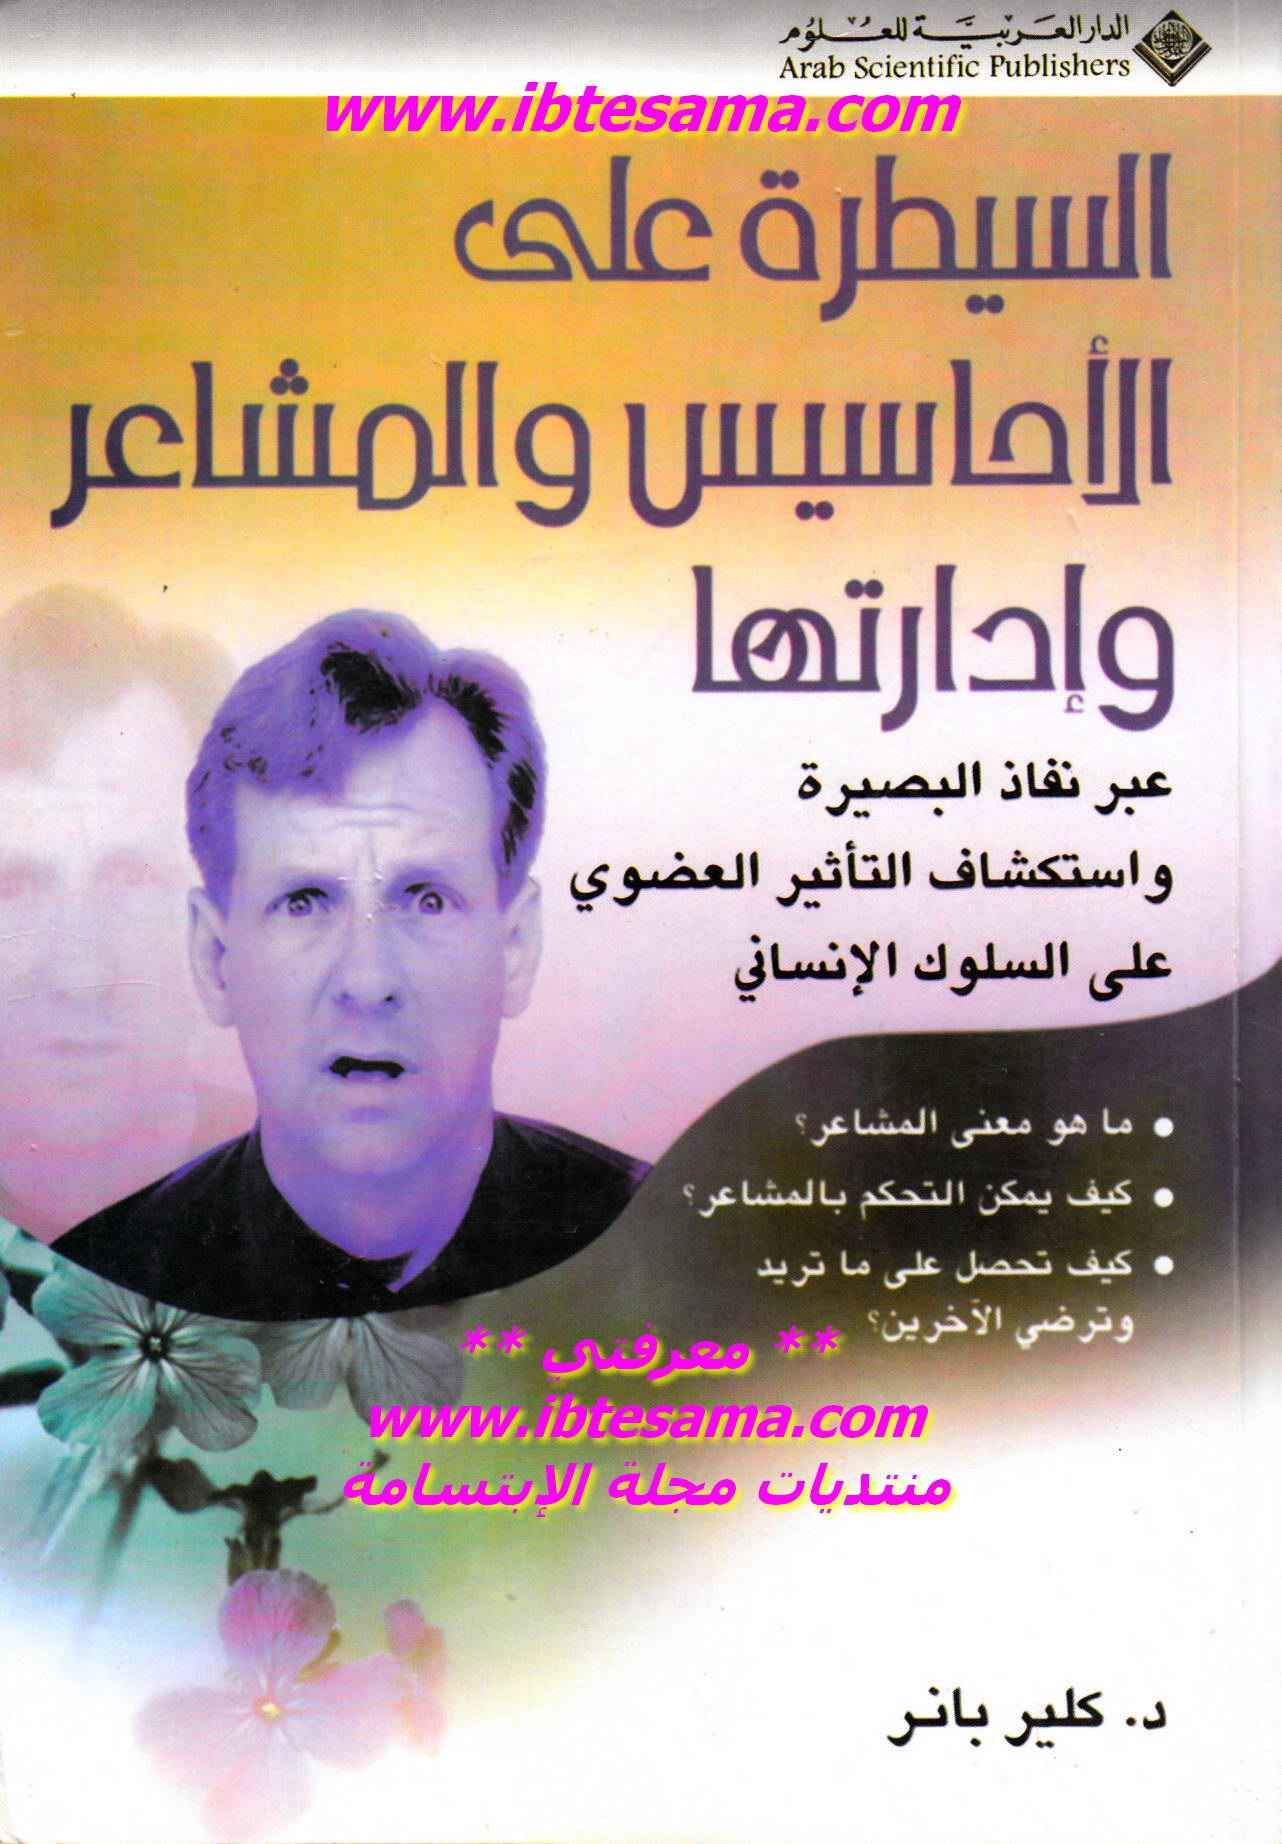 السيطرة على الأحاسيس والمشاعر وإدارتها Pdf Books Reading Arabic Books Reading Psychology